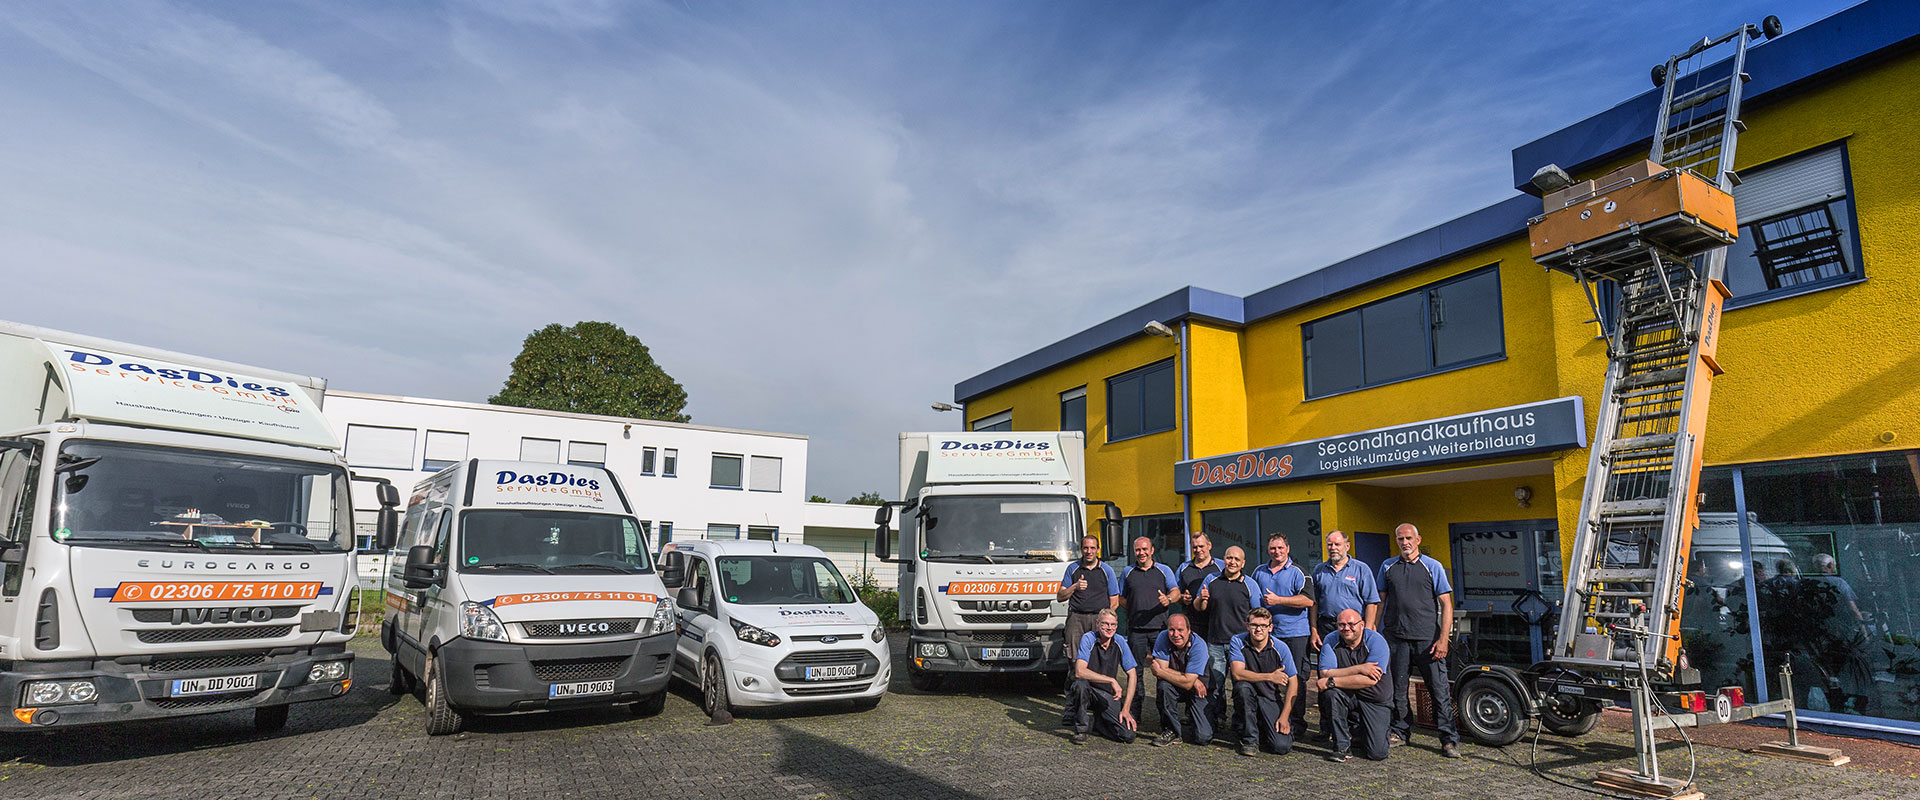 582b794f8ac13b DasDies Service GmbH - Umzüge und Haushaltsauflösungen